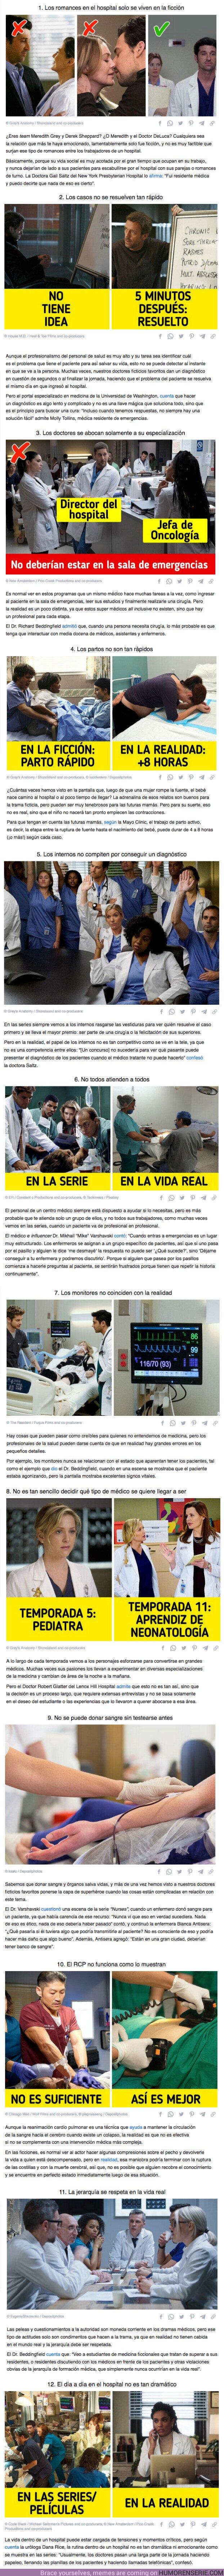 75715 - GALERÍA: 12 fallos en los series de hospitales. Los doctores de verdad confiesan que eso no sucede